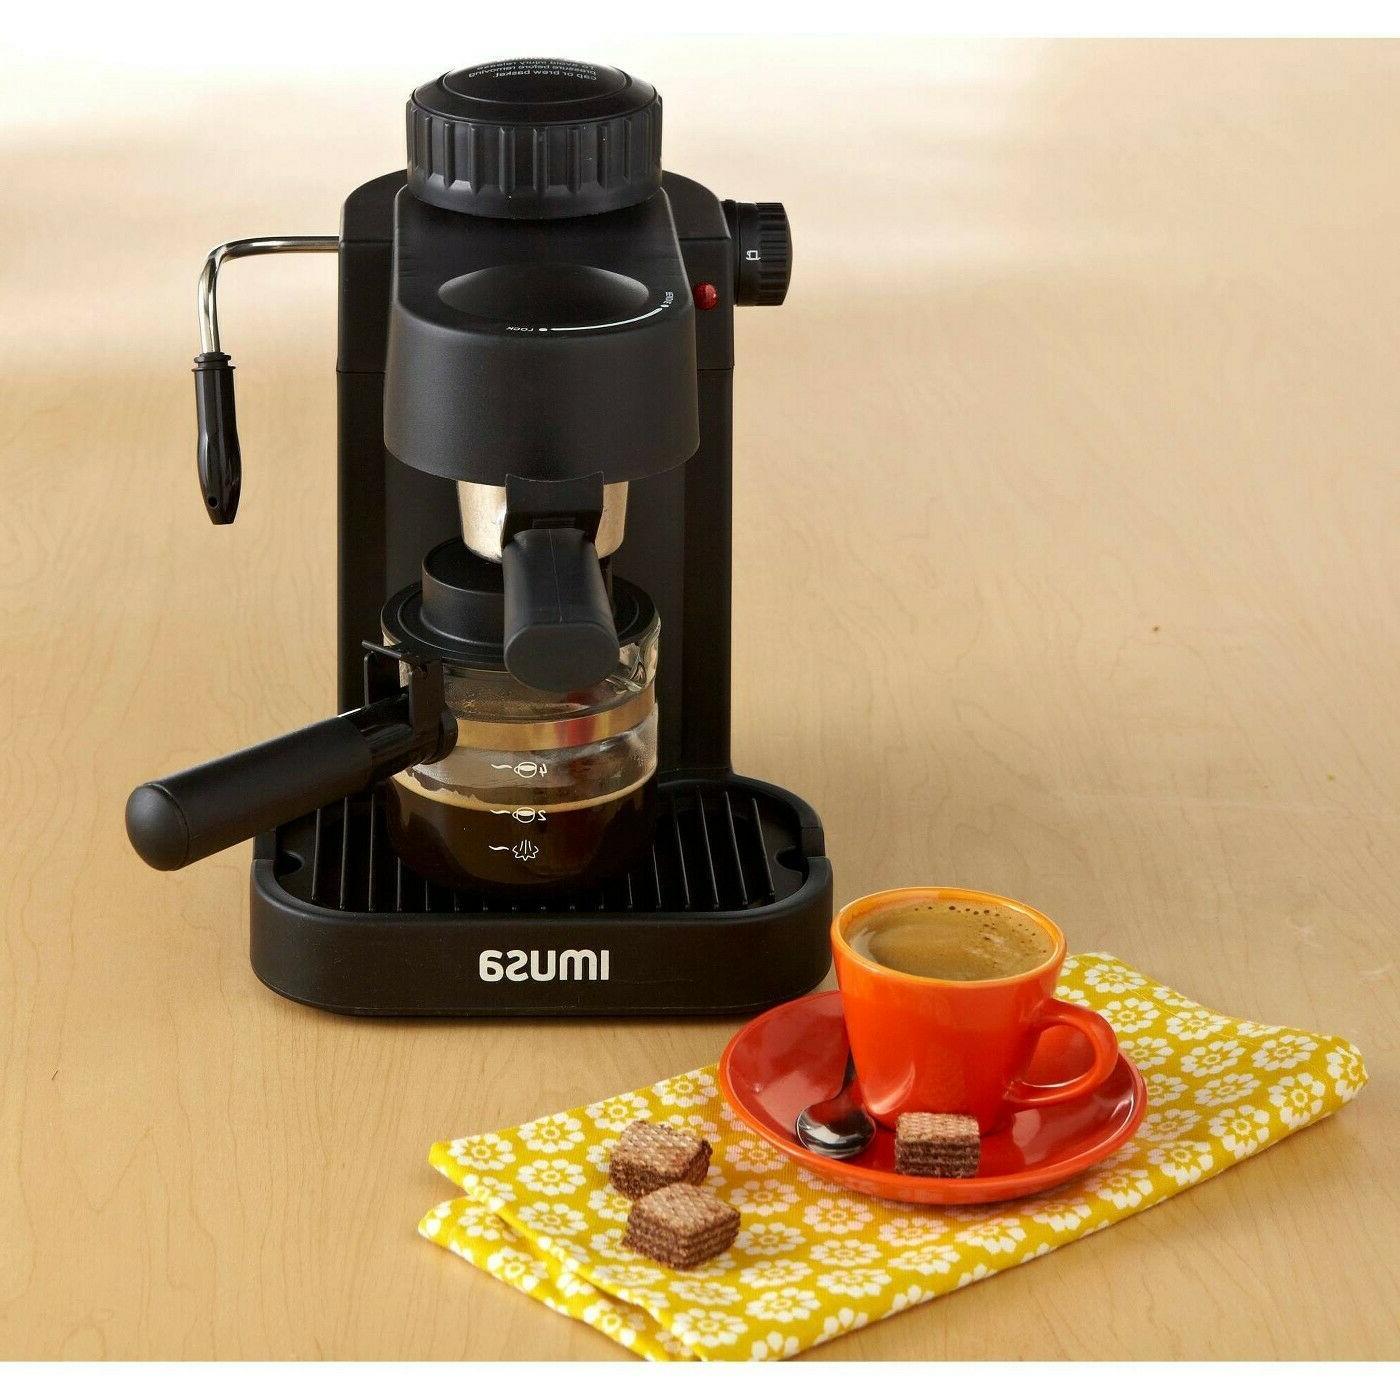 new espresso machine 4 cup electric cappuccino